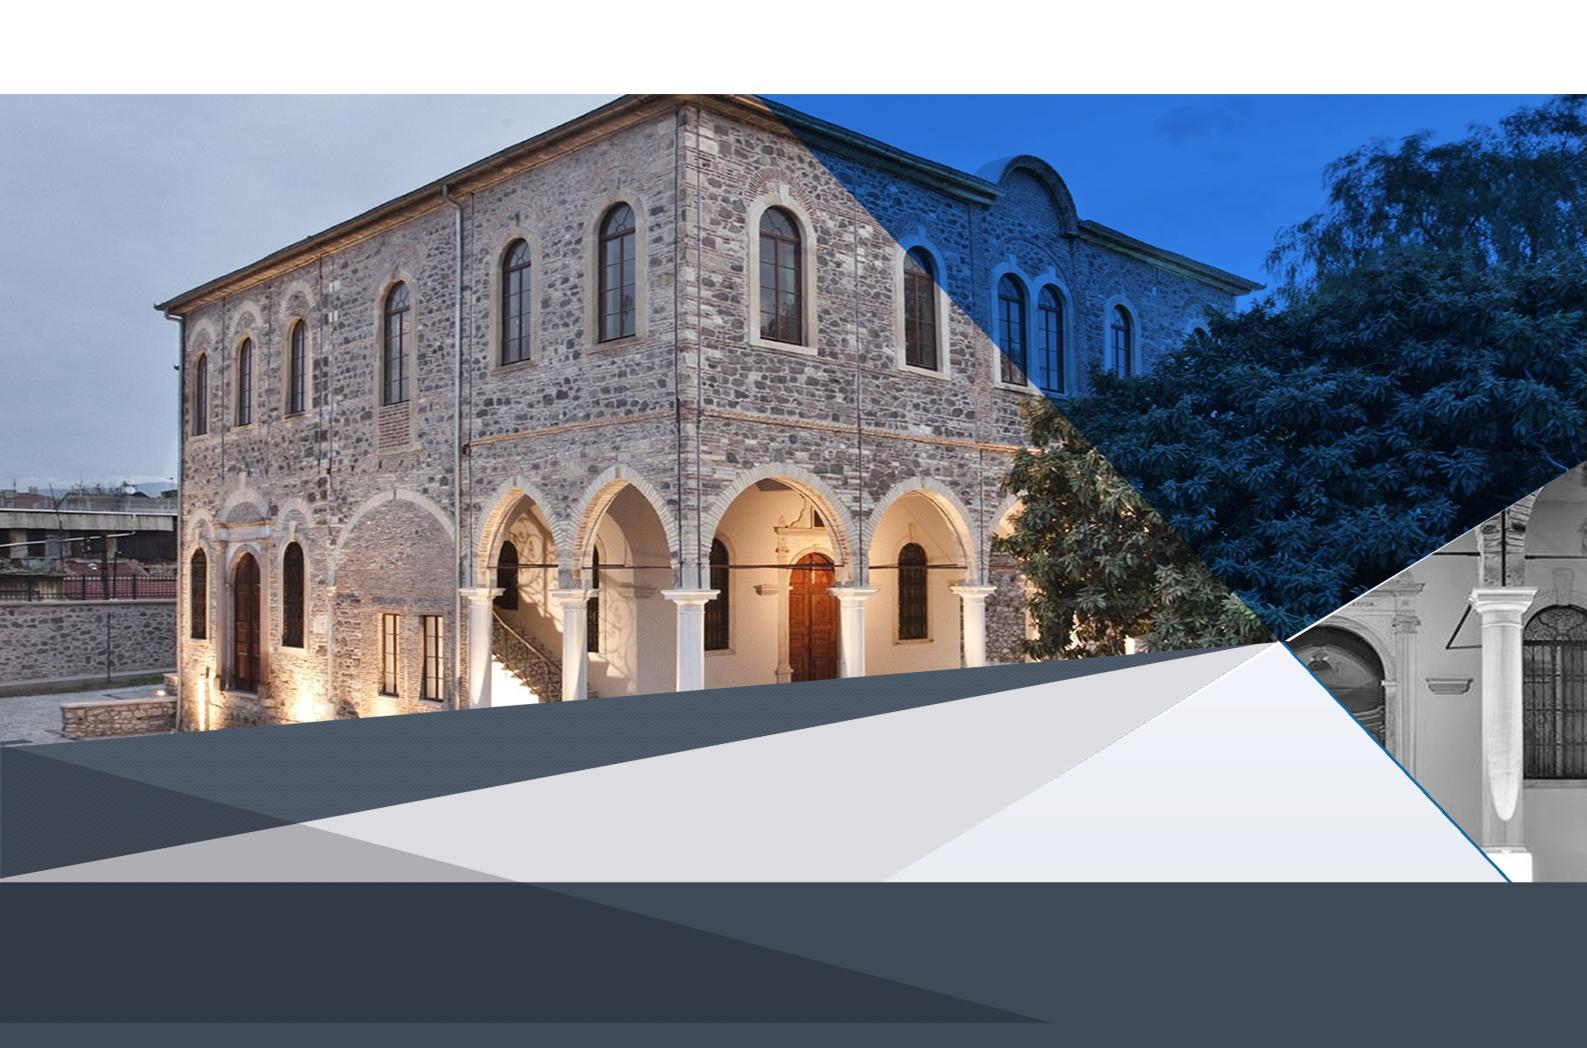 HV-Church_resim_1587x10481